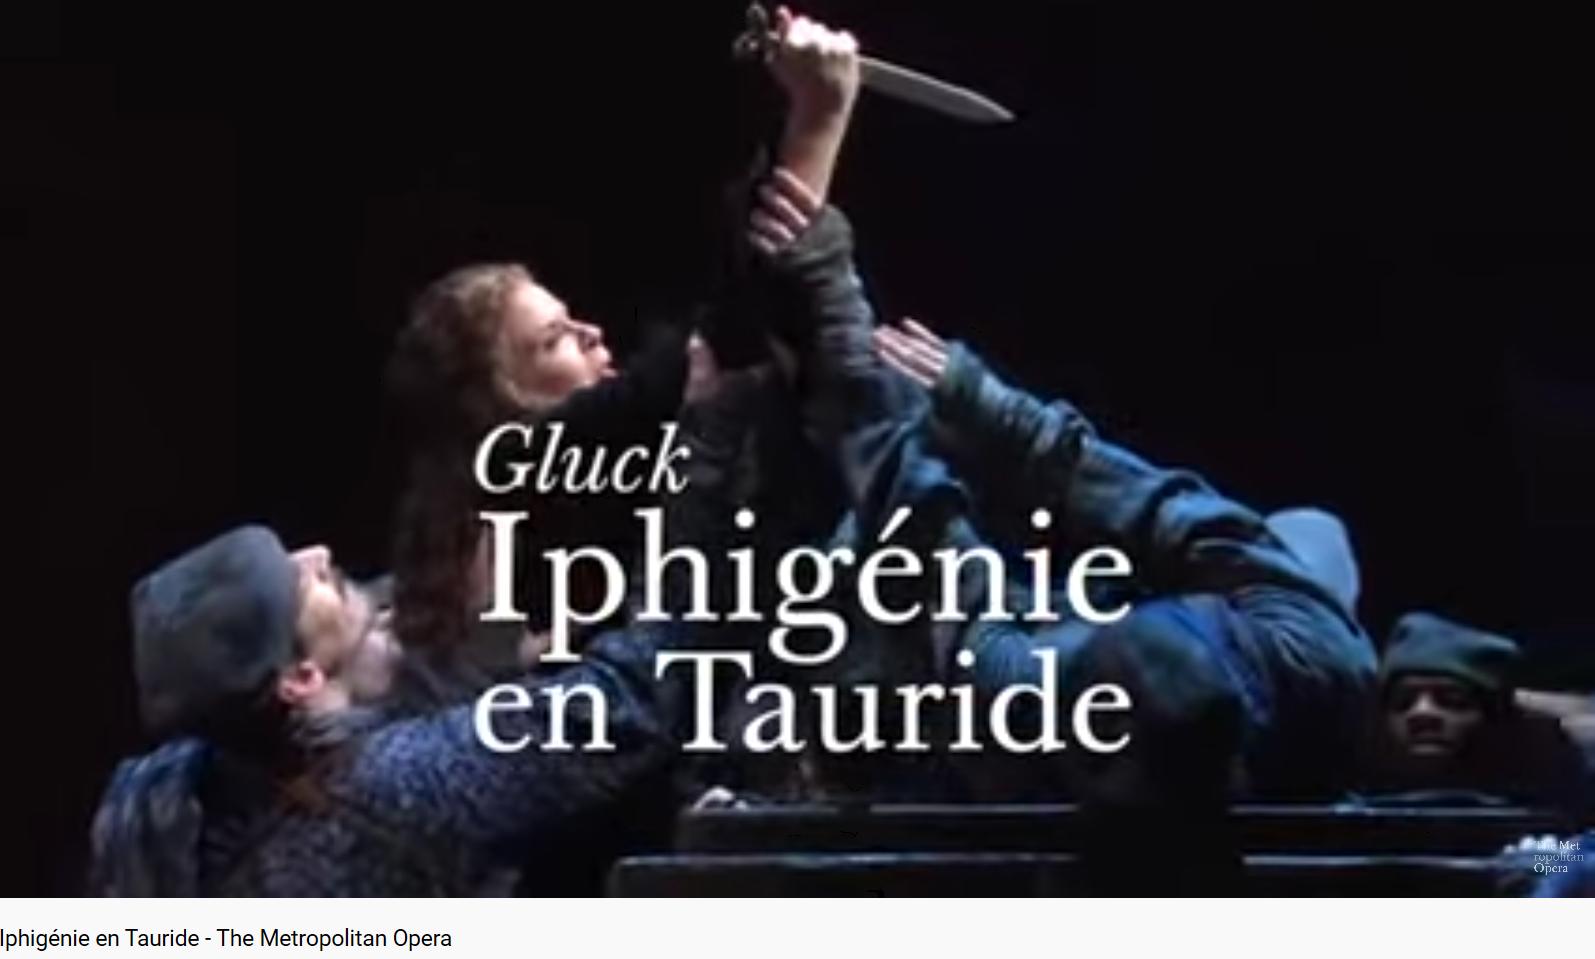 Gluck Iphigénie en Tauride (MET)